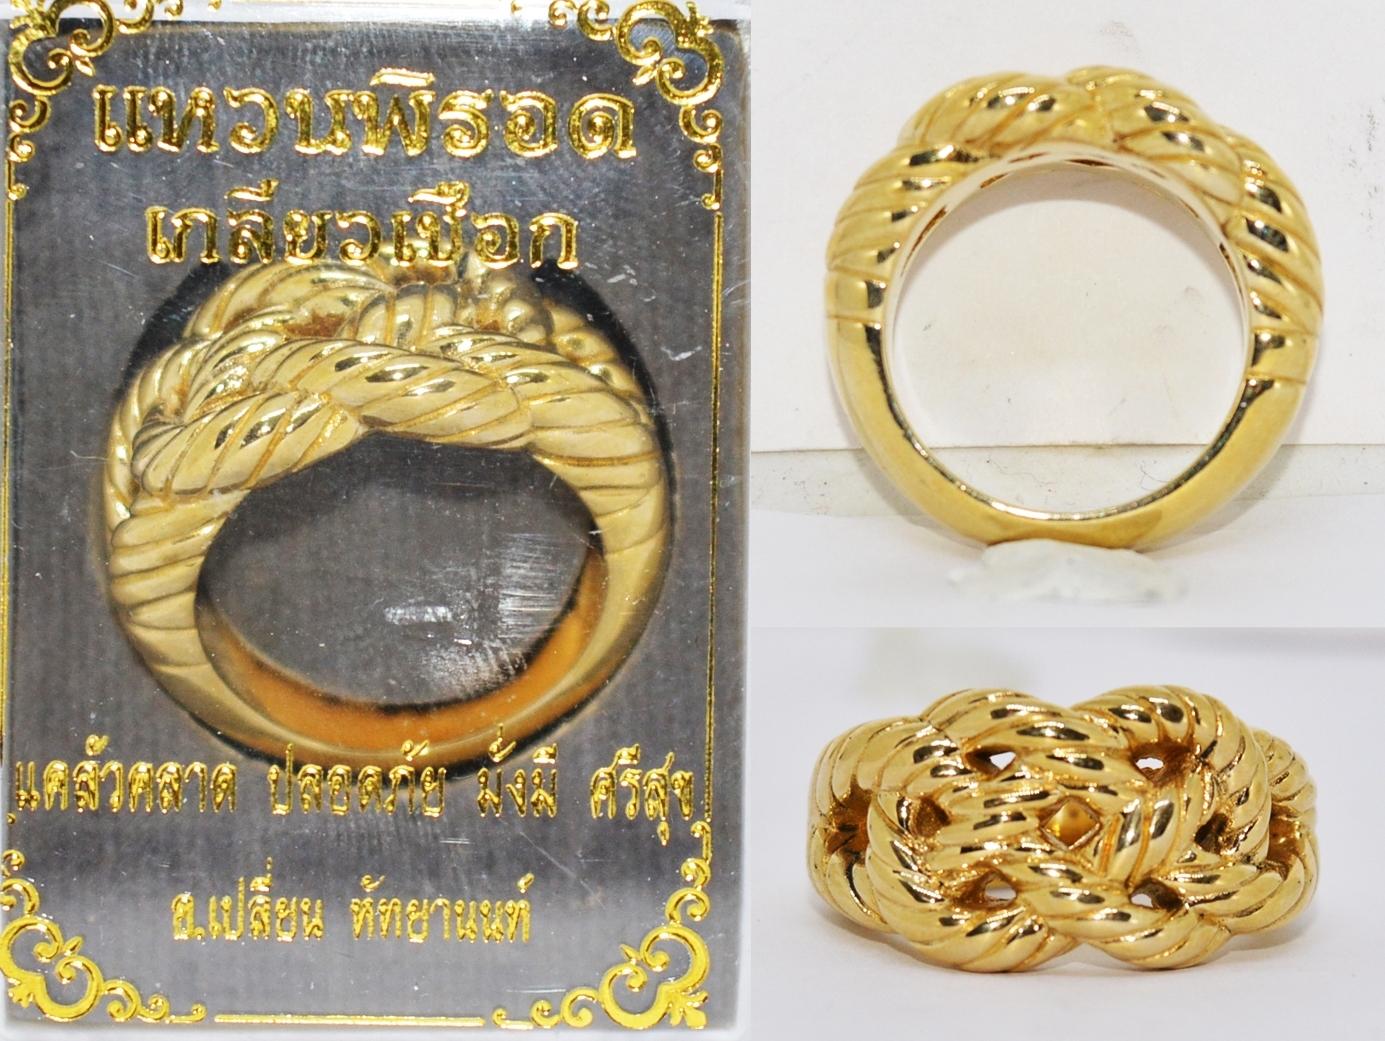 แหวนพิรอดเกลียวเชือก เนื้อทองทิพย์ อาจารย์เปลี่ยน หัทยานนท์ 2563